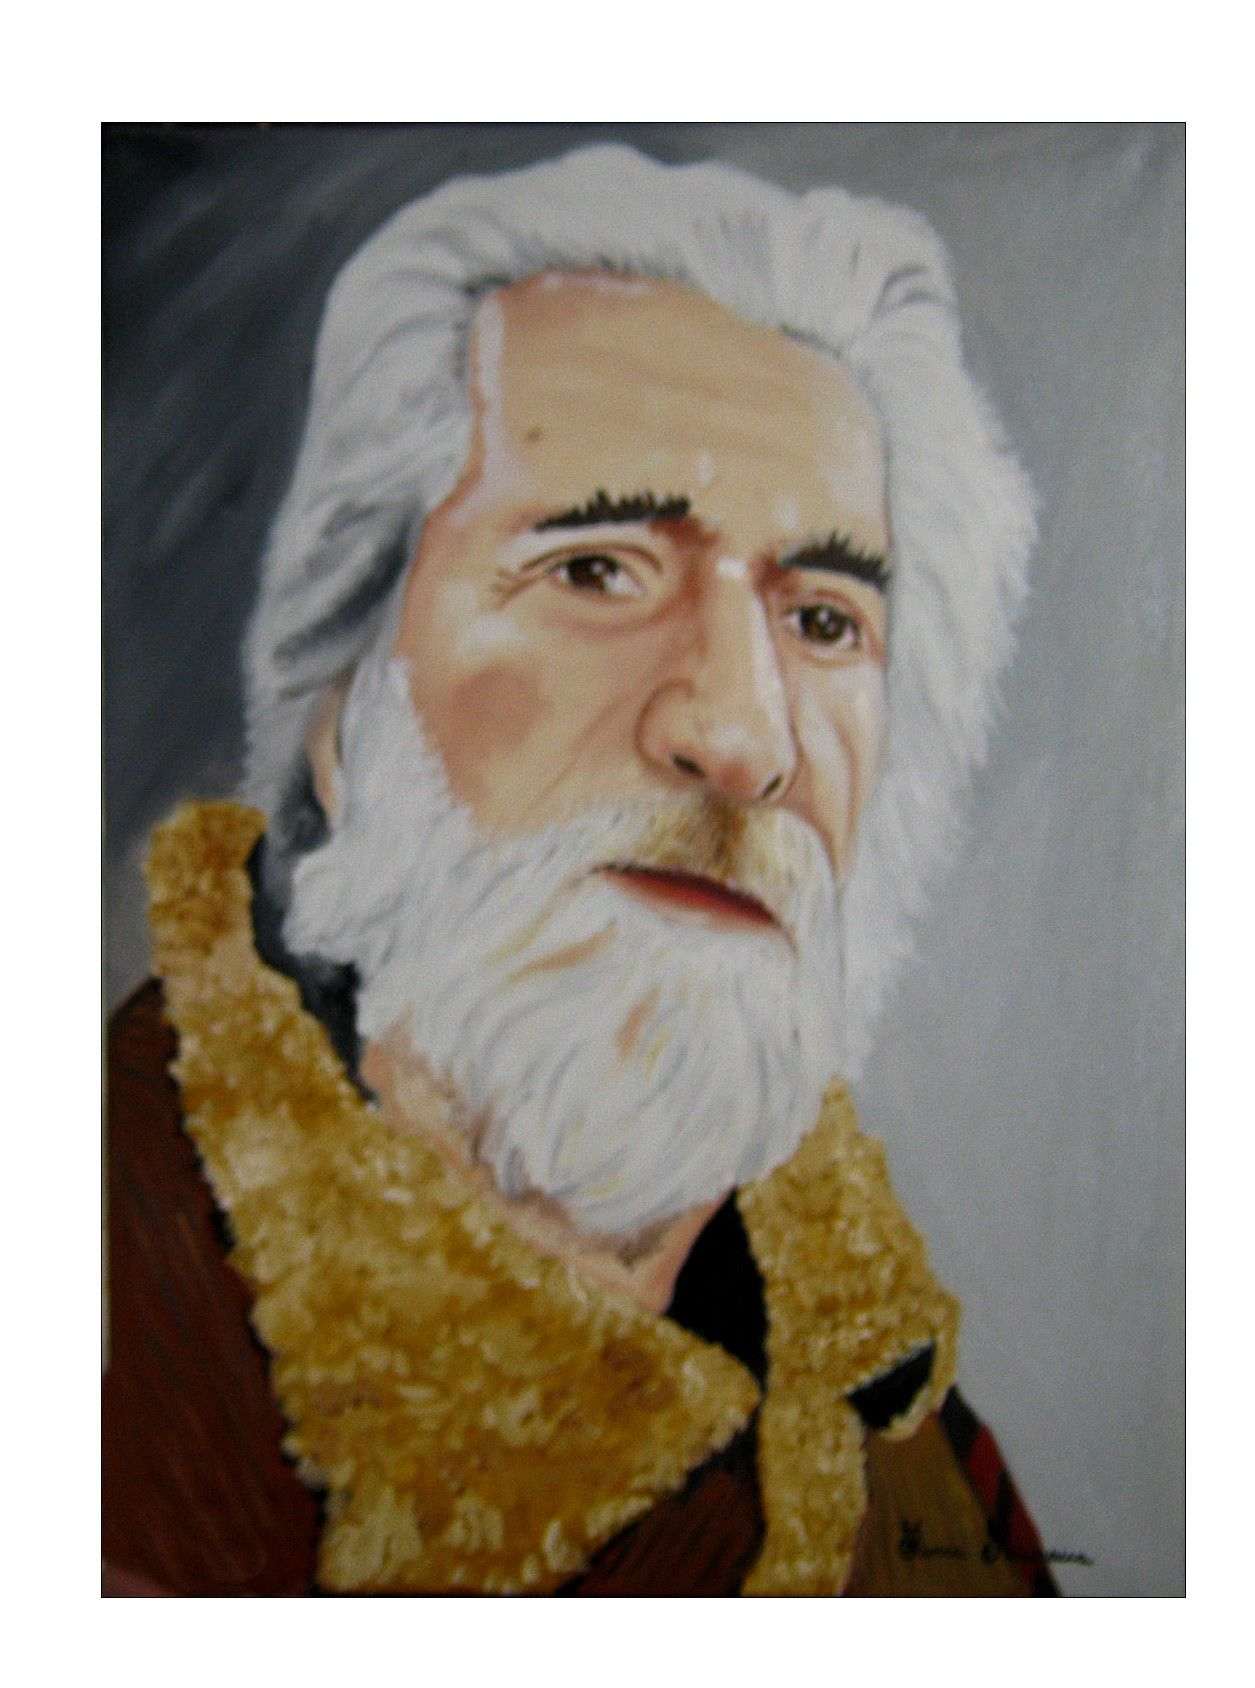 Ritratto uomo con barba